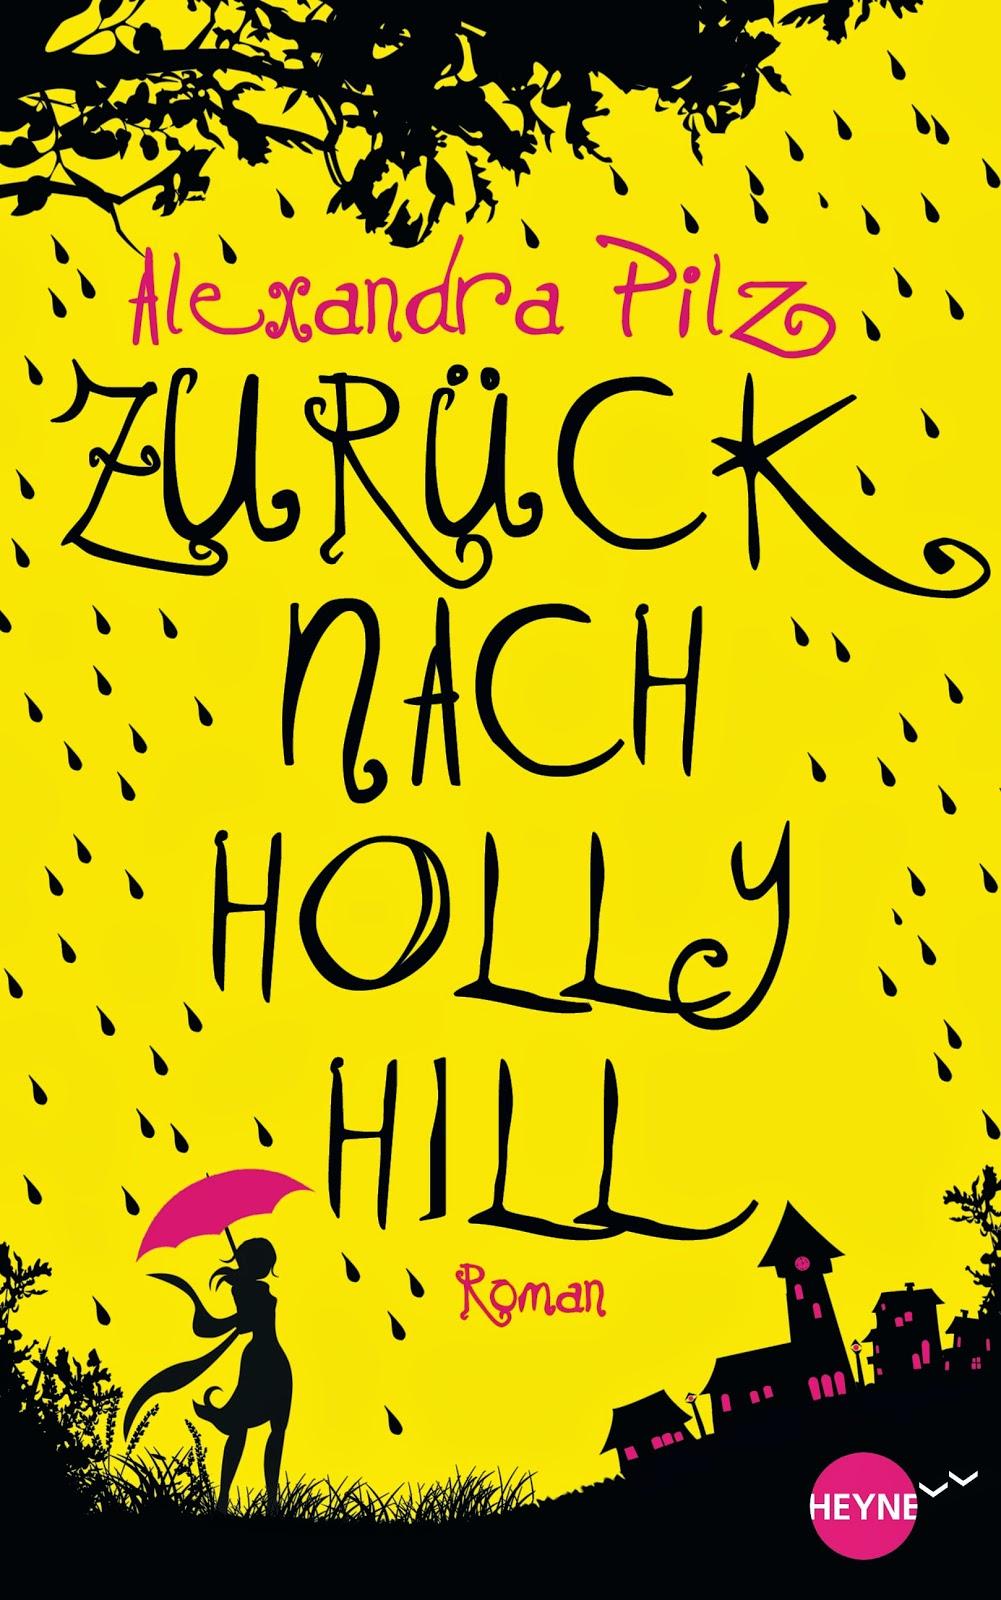 http://www.randomhouse.de/Buch/Zurueck-nach-Hollyhill-Roman/Alexandra-Pilz/e414837.rhd